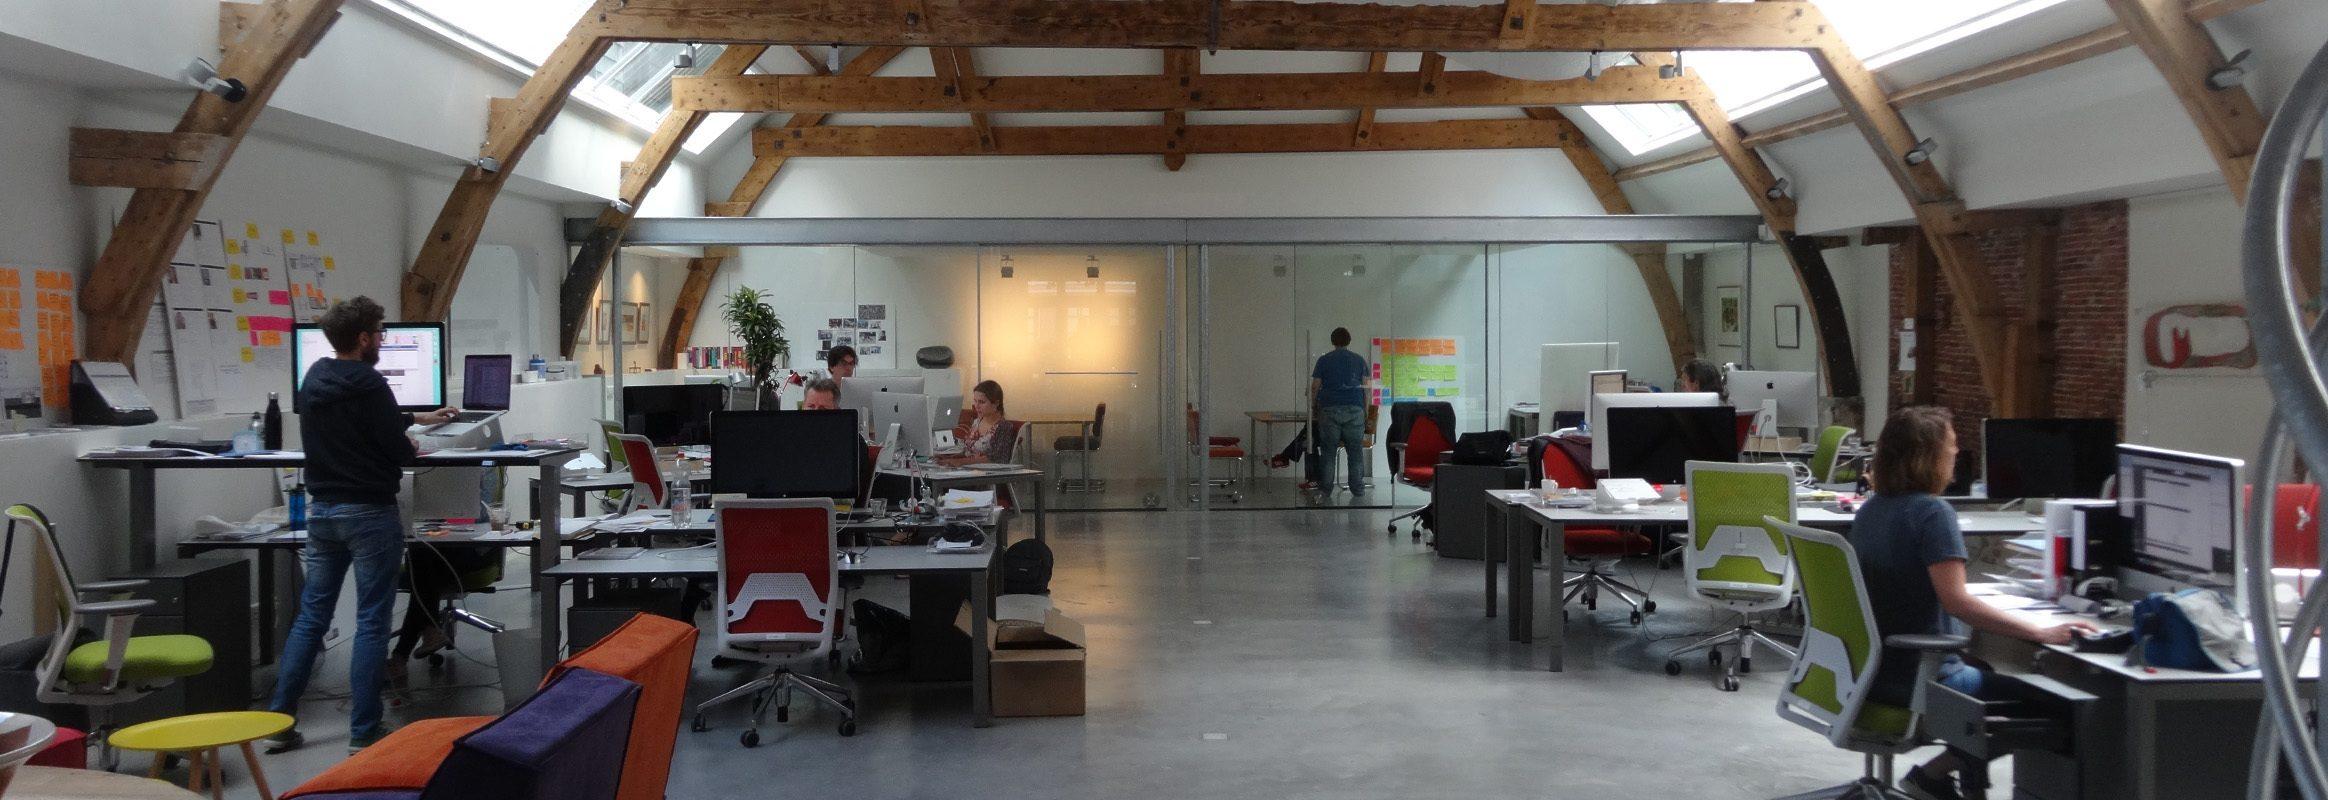 Espace de bureau d'AssistiveWare